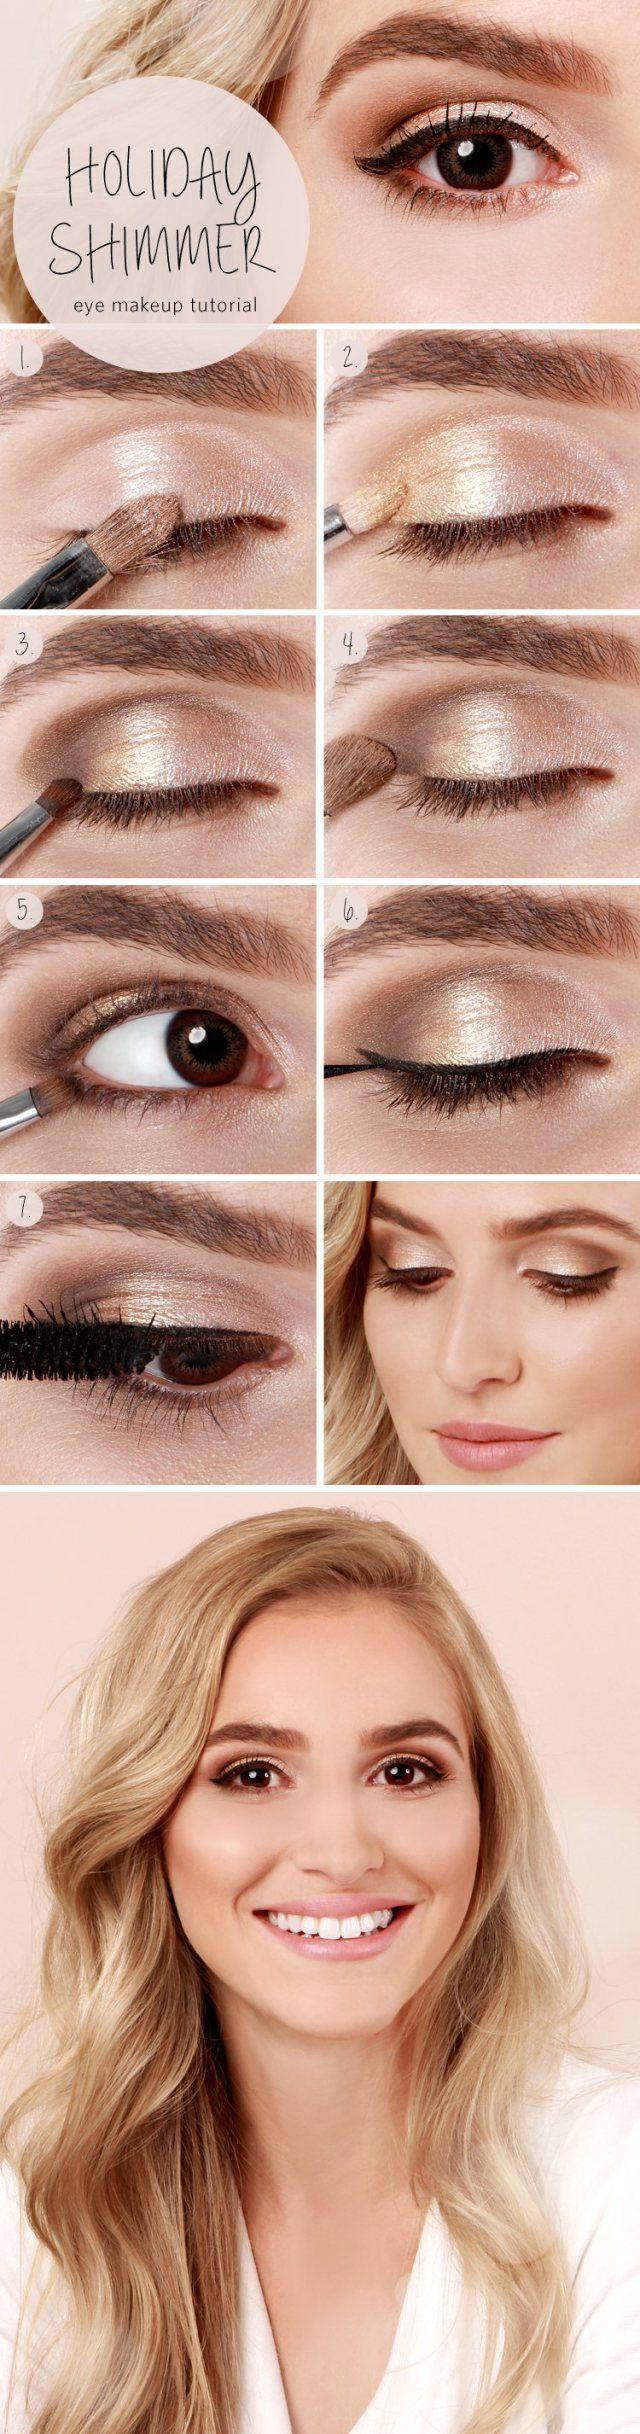 eye makeup pictutorials